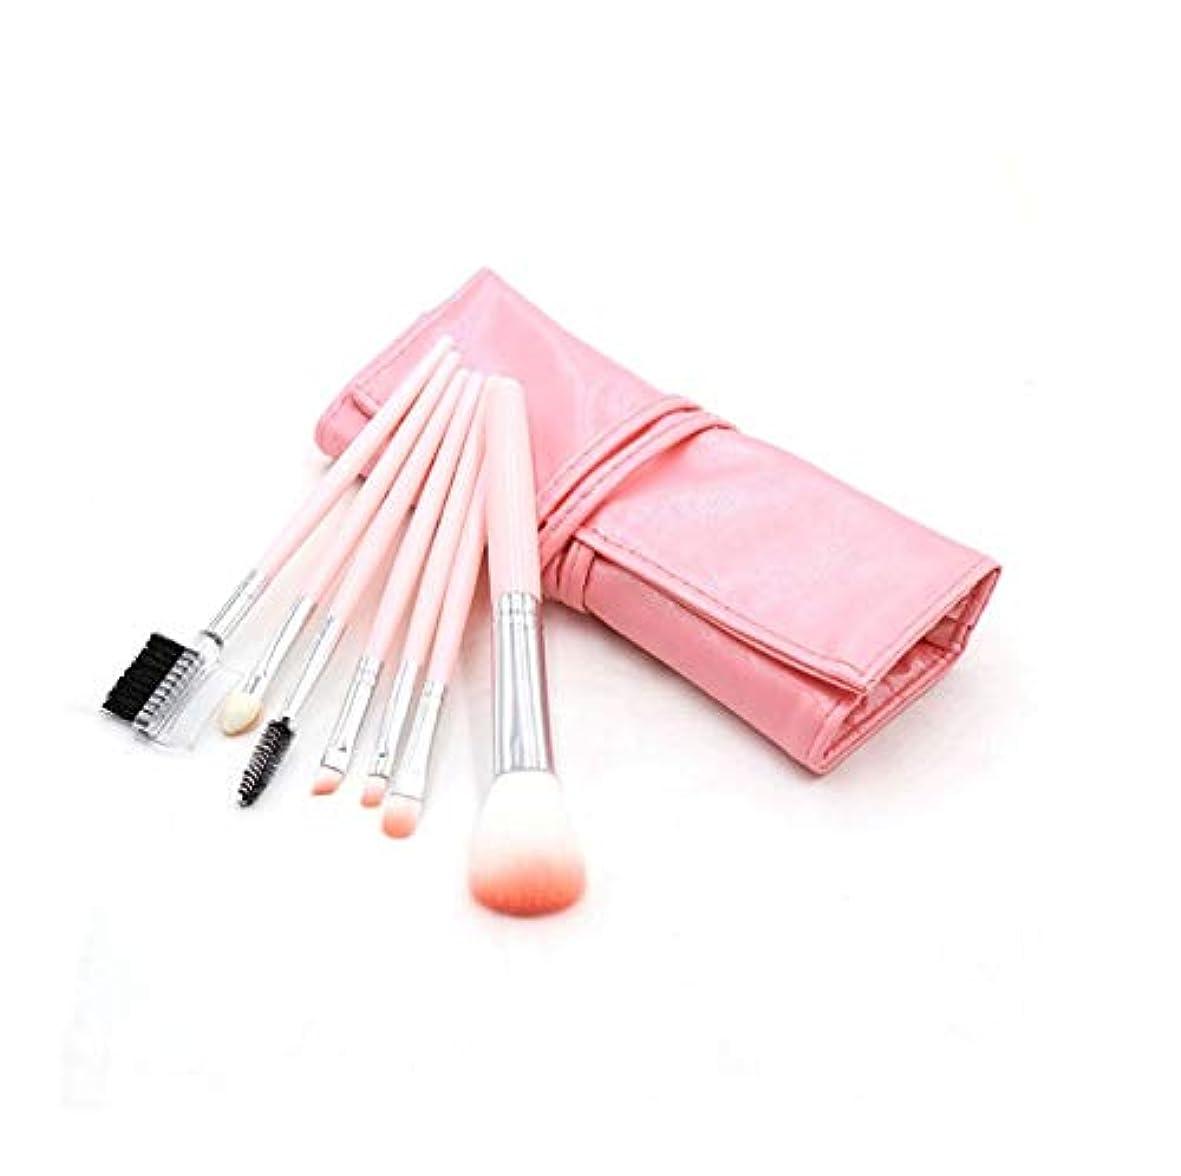 カーペット複数広々化粧ブラシセット、ピンク7化粧ブラシ化粧ブラシセットアイシャドウブラシリップブラシ美容化粧道具